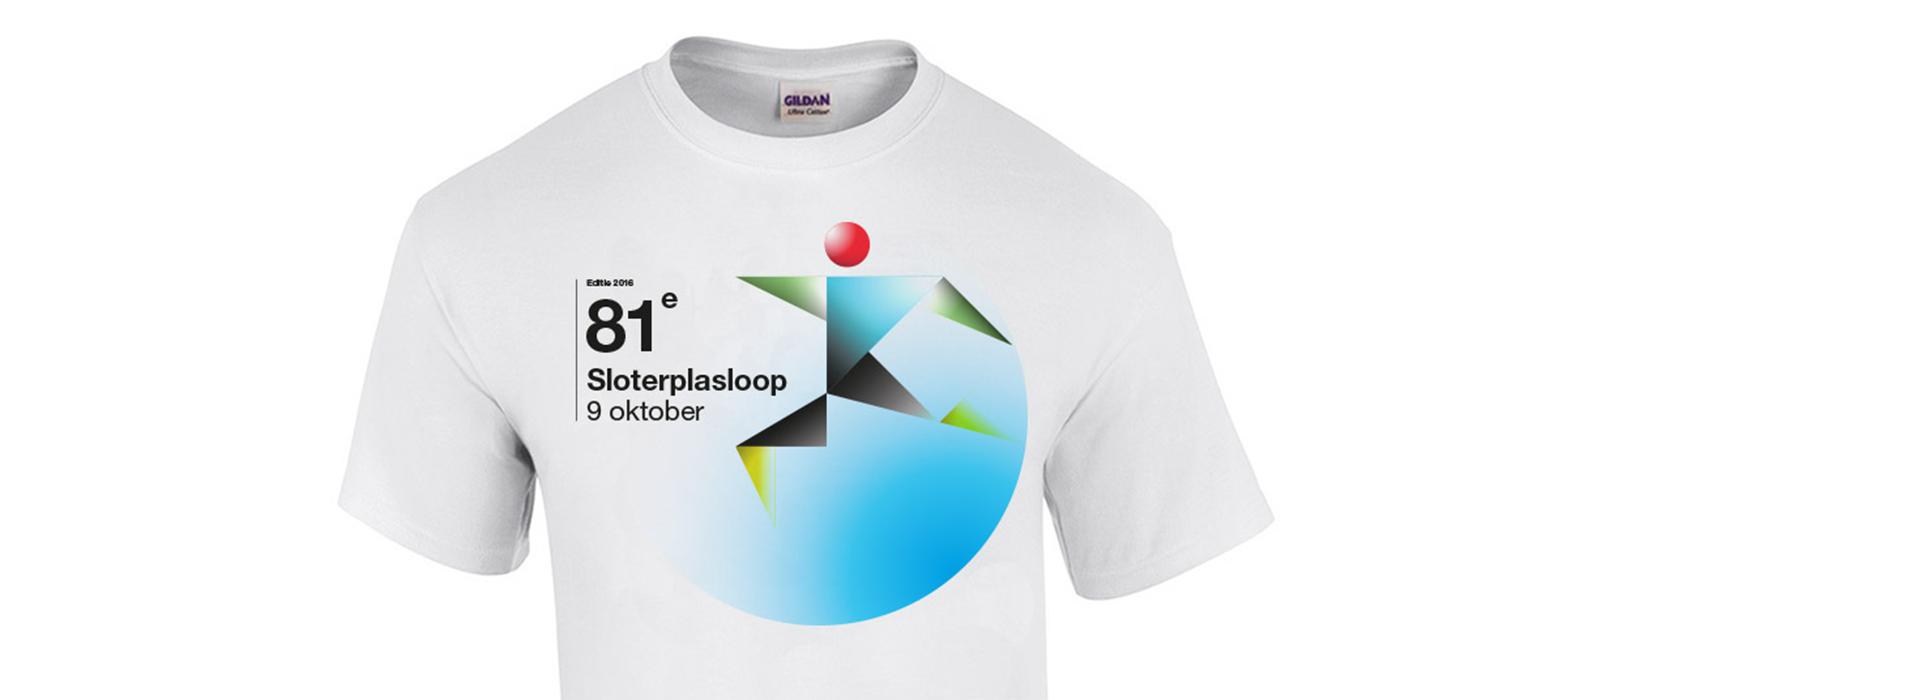 AAC_Sloterplasloop_2016_Shirt-cut-goed